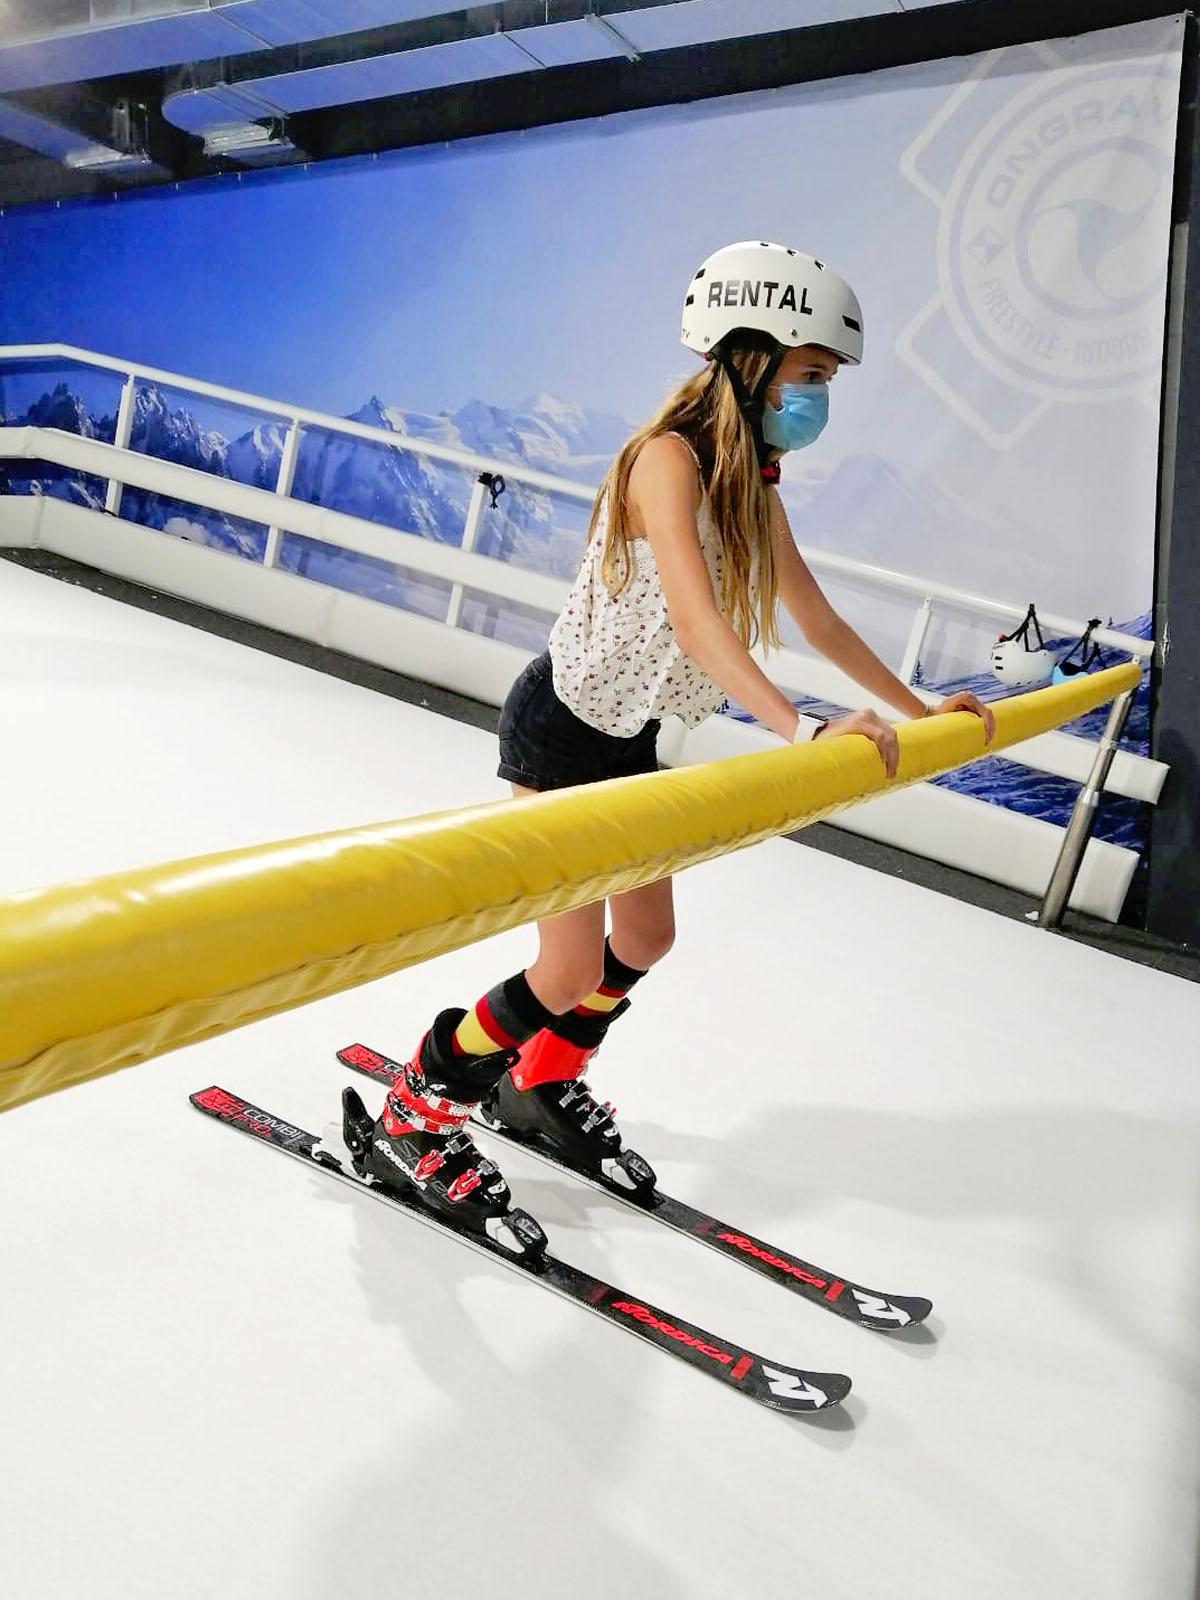 Esquí indooó esquí en pista de pendiente infinita